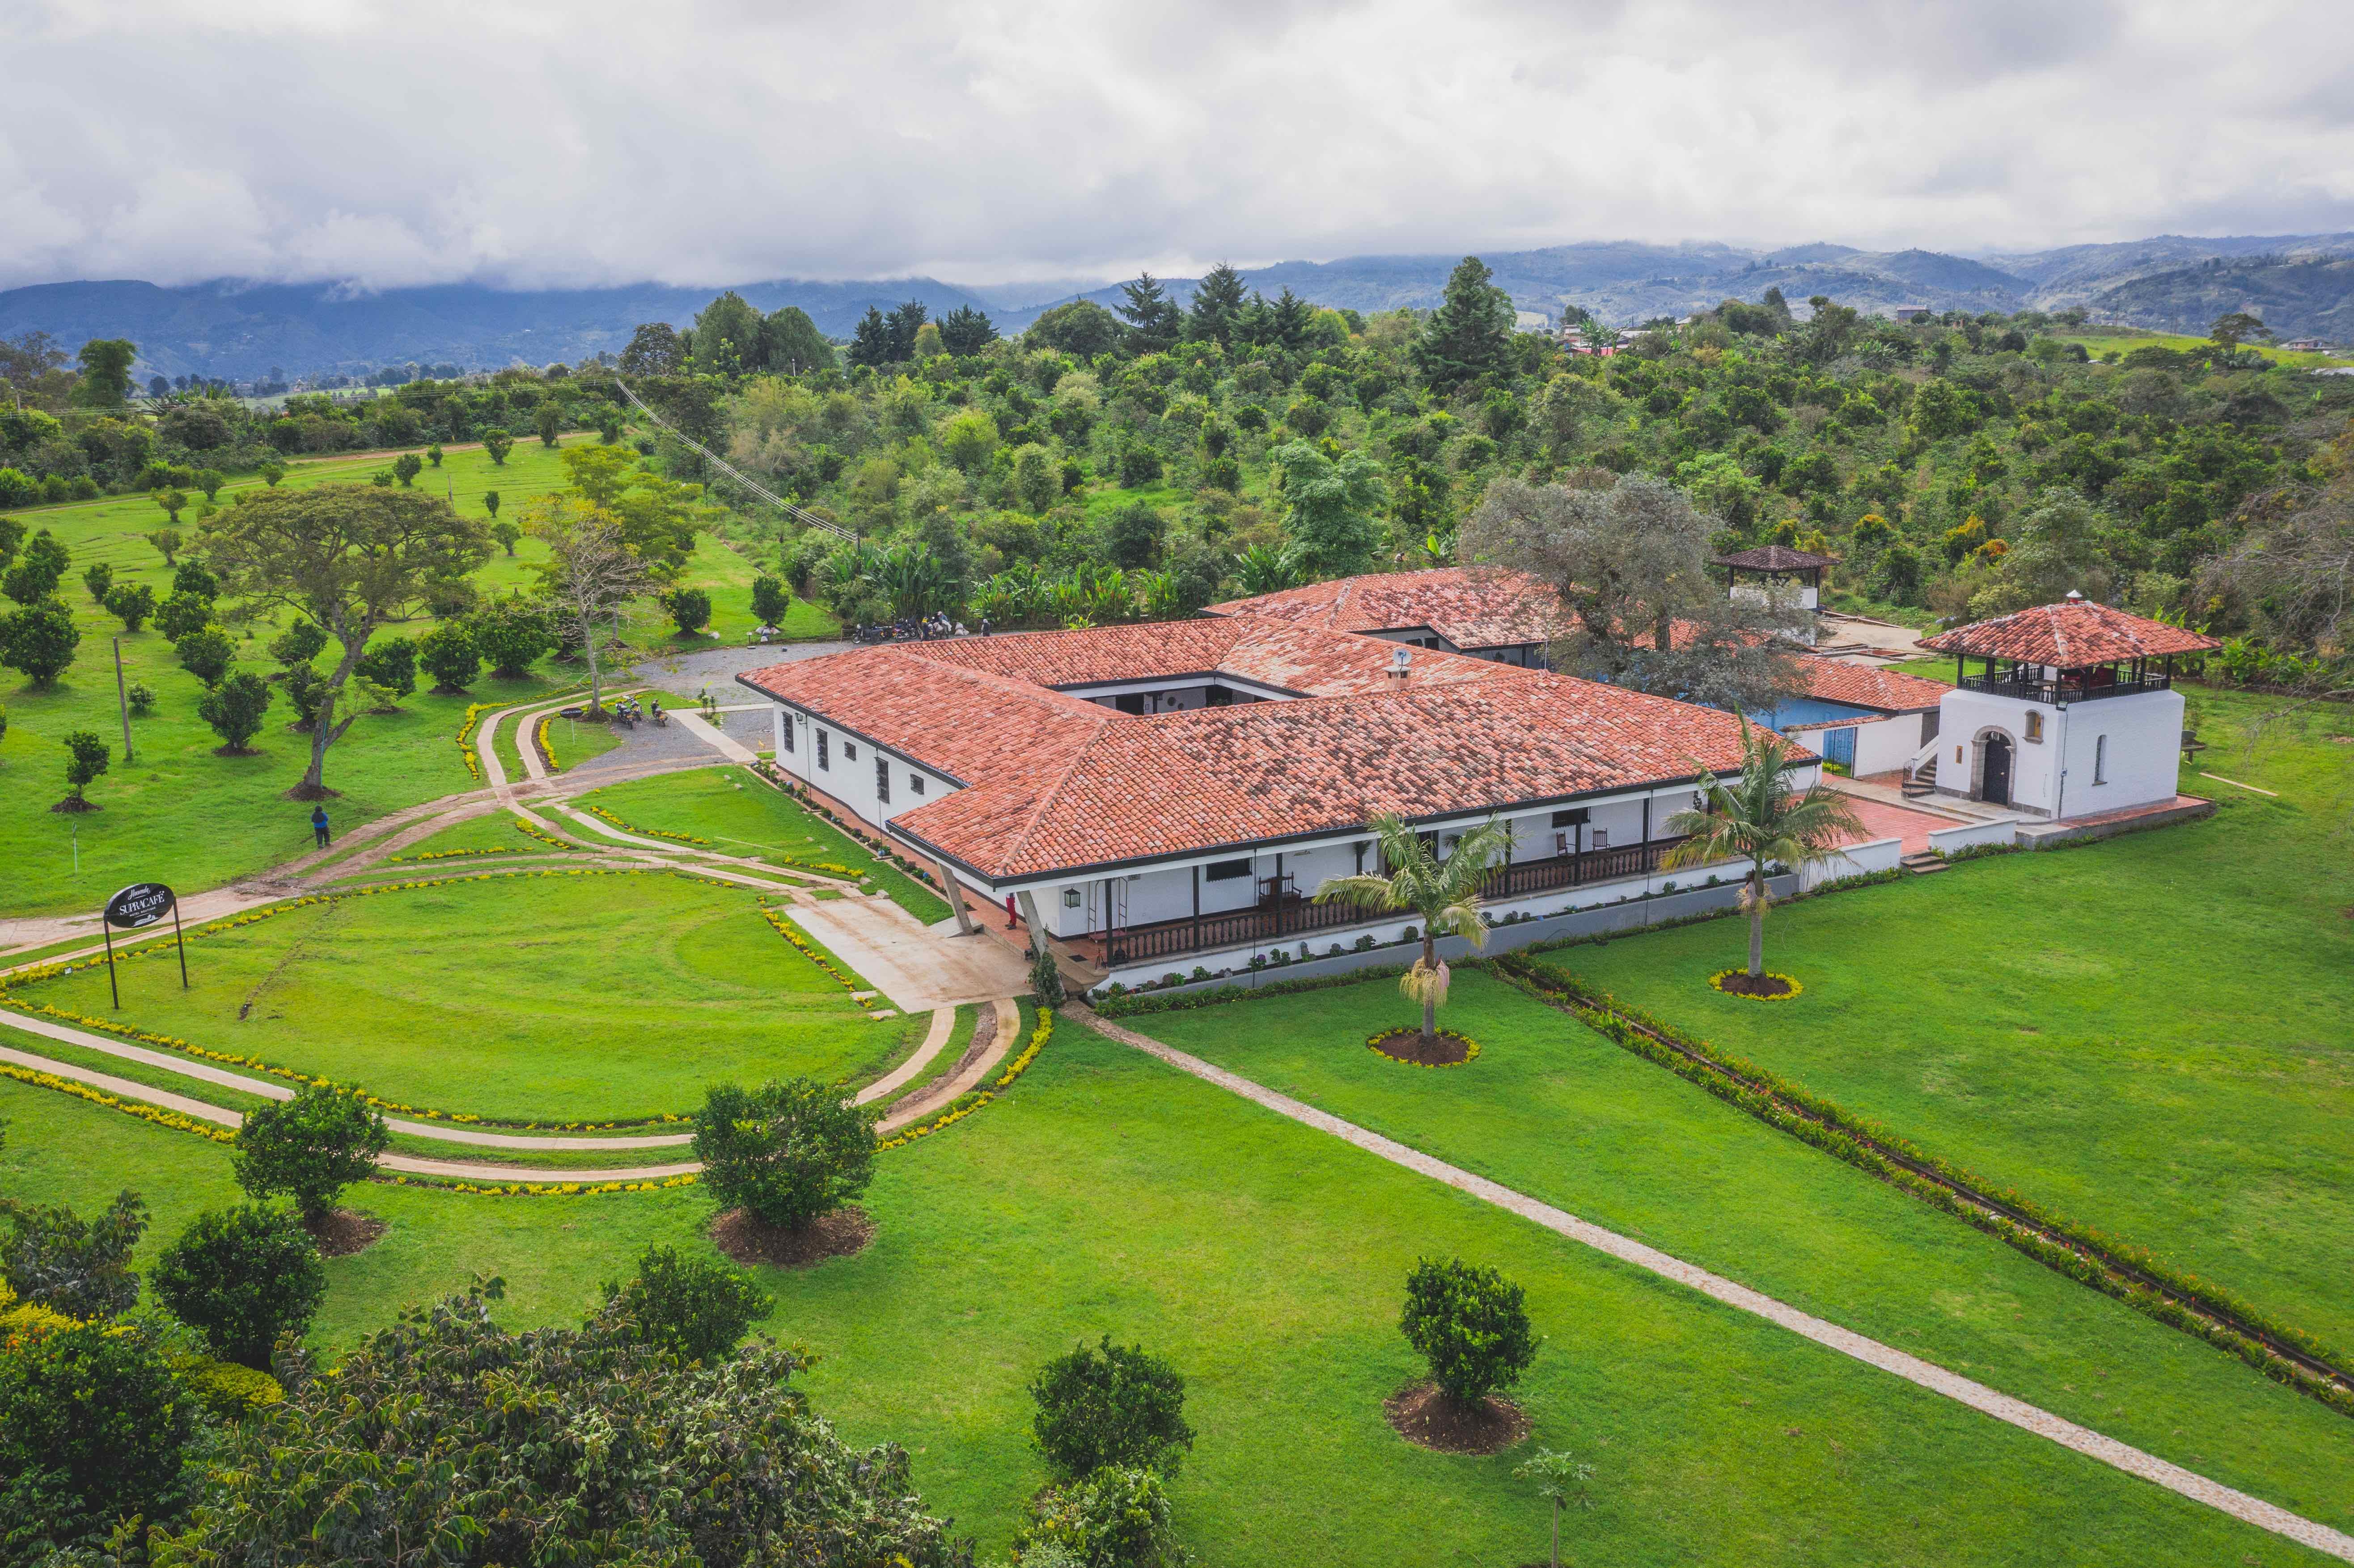 Hacienda Supracafé